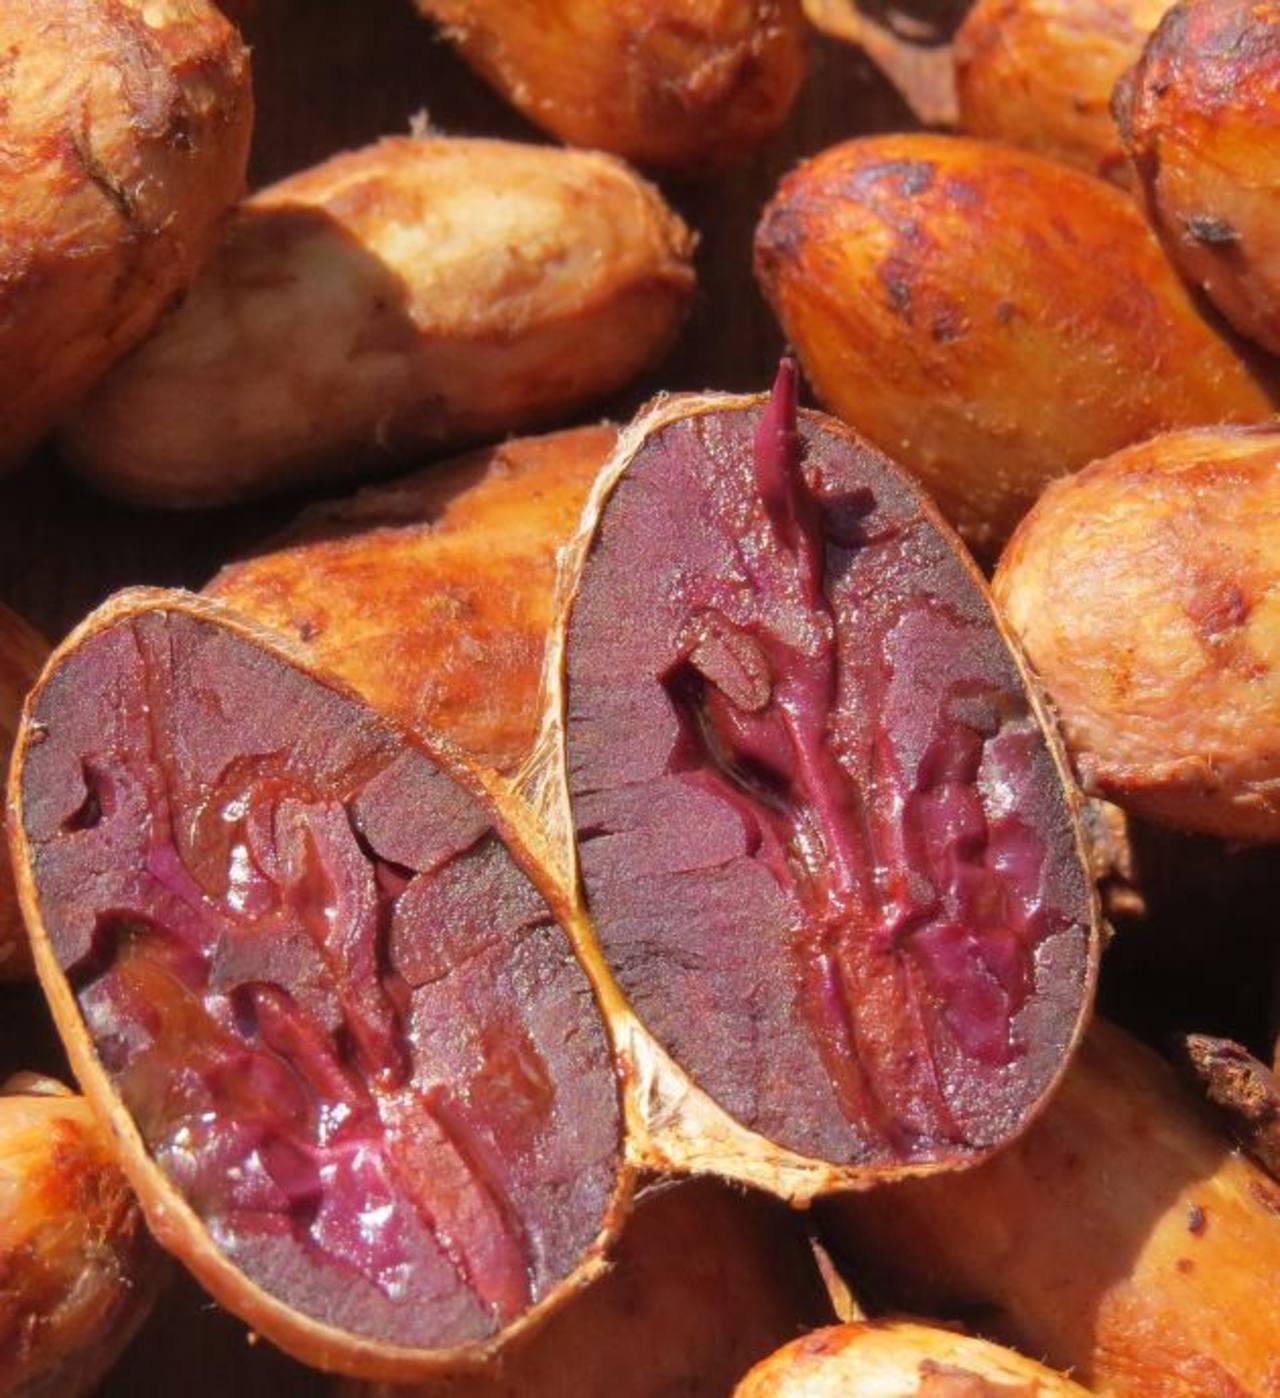 Mazorcas y almendra de cacao fino cultivadas con técnicas mejoradas, resistentes al clima y otros factores. EDH/cortesía